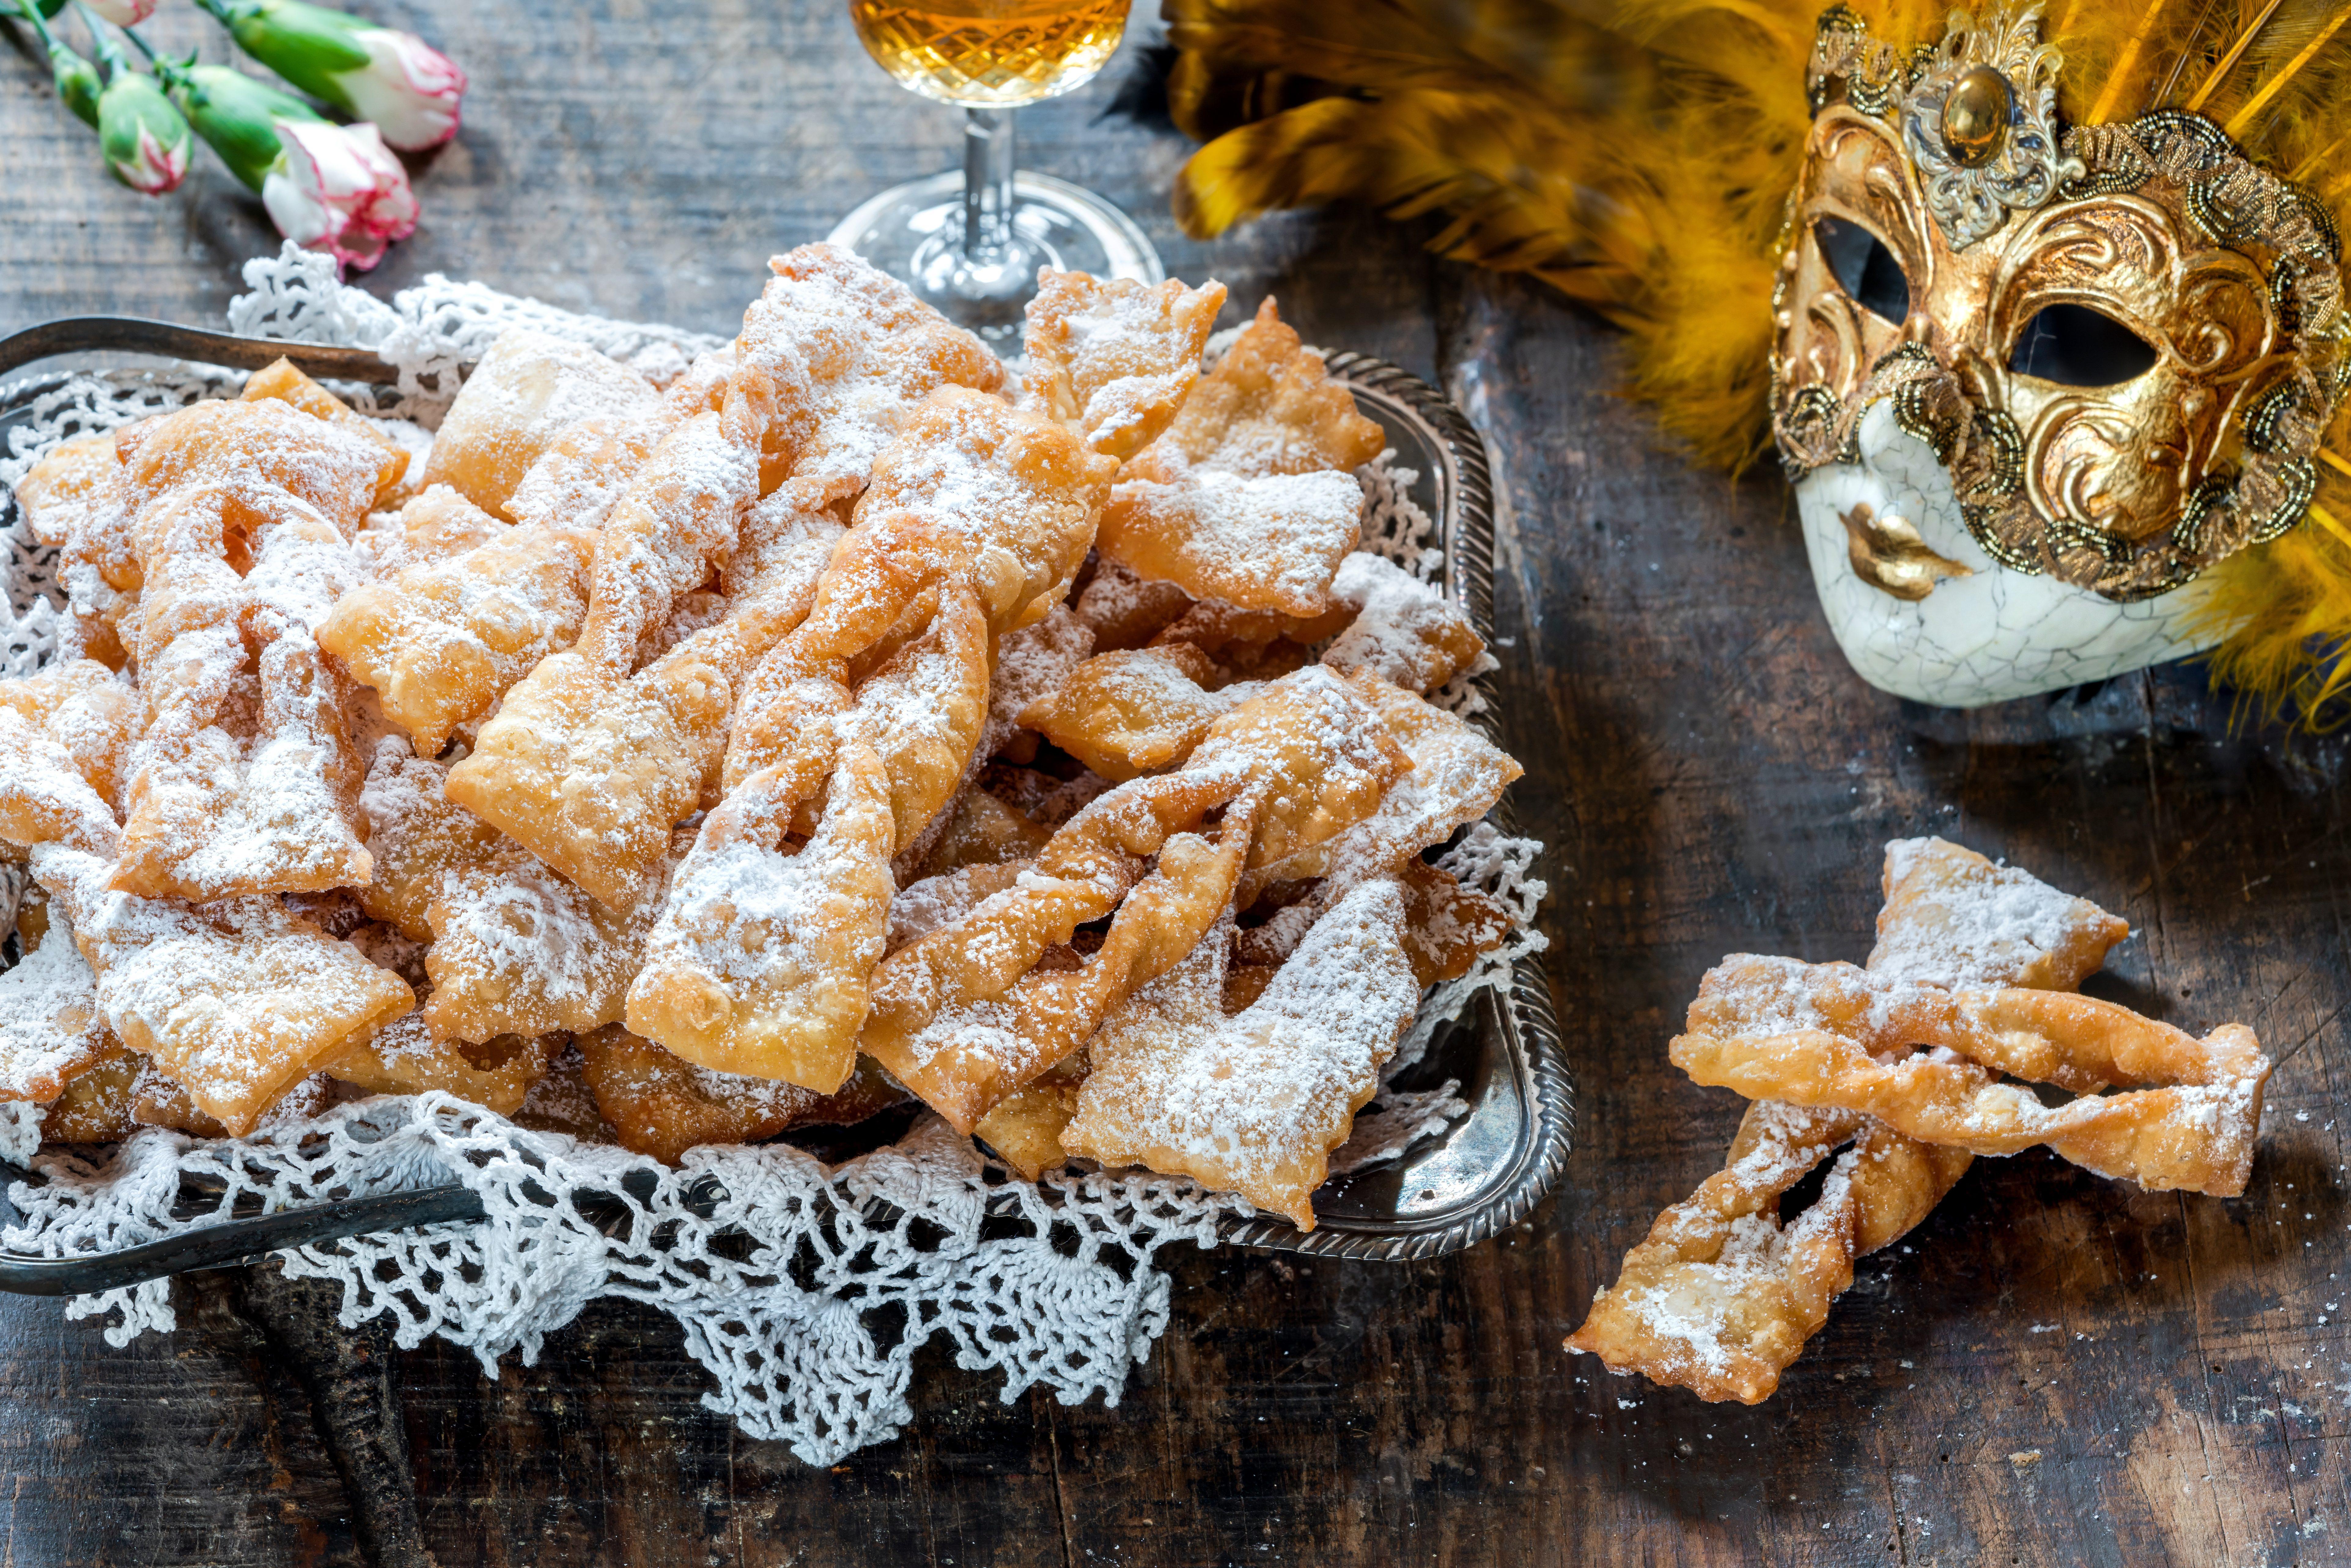 Chiacchiere, frappe, bugie e perfino lattughe: i nomi del dolce di Carnevale dal gusto unico